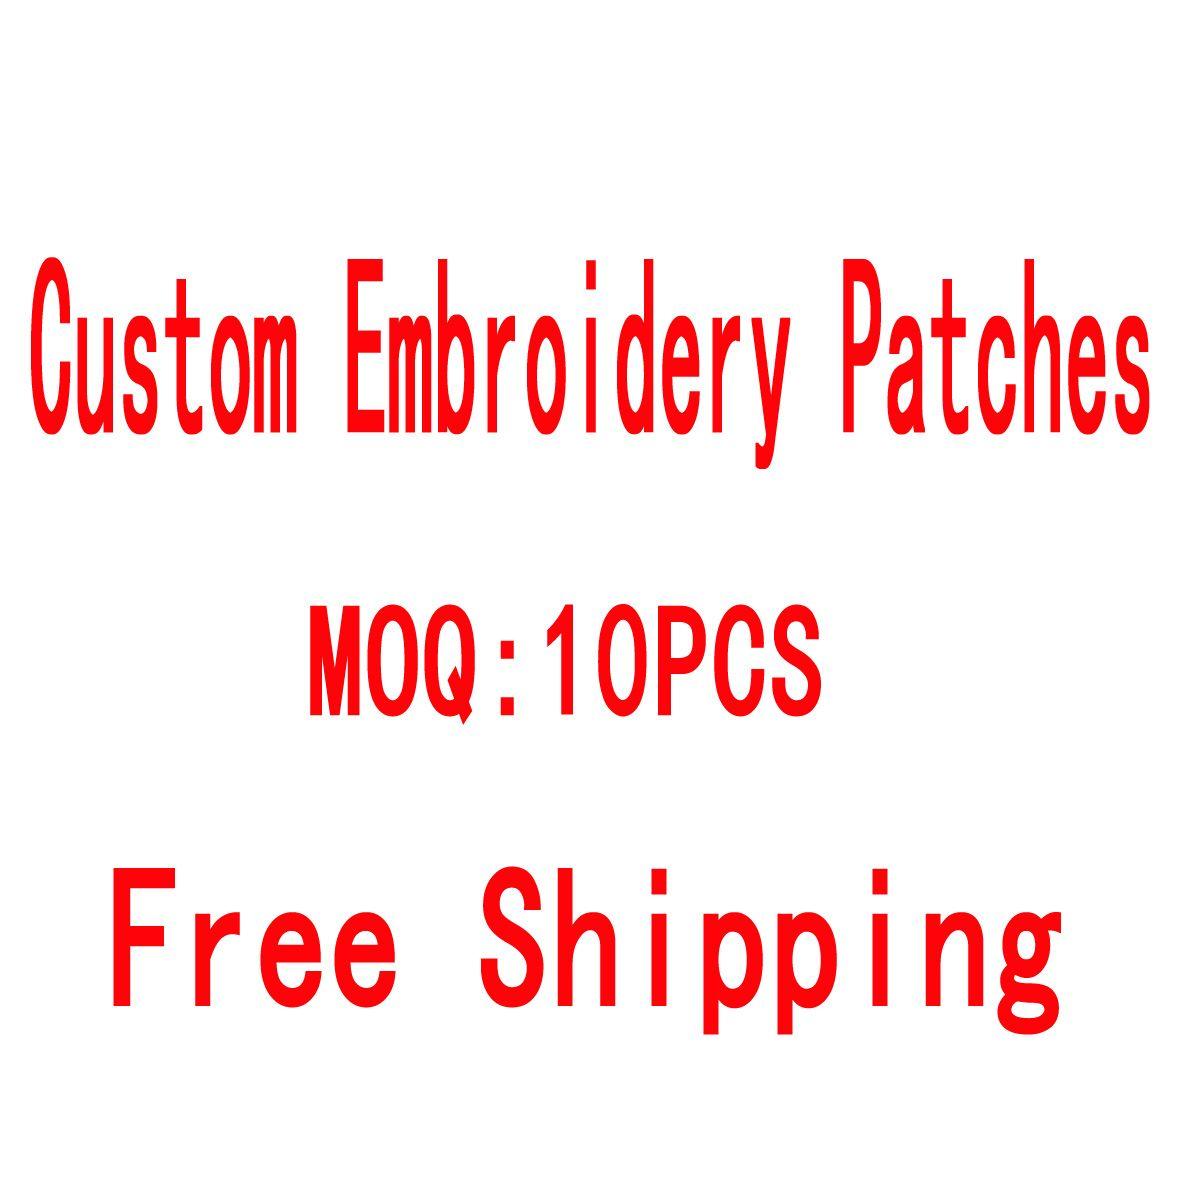 Captura de bordado de diseño personalizado más barato Cualquier tamaño de cualquier tipo de logotipo de parches bordados proveedor precio al por mayor envío gratis